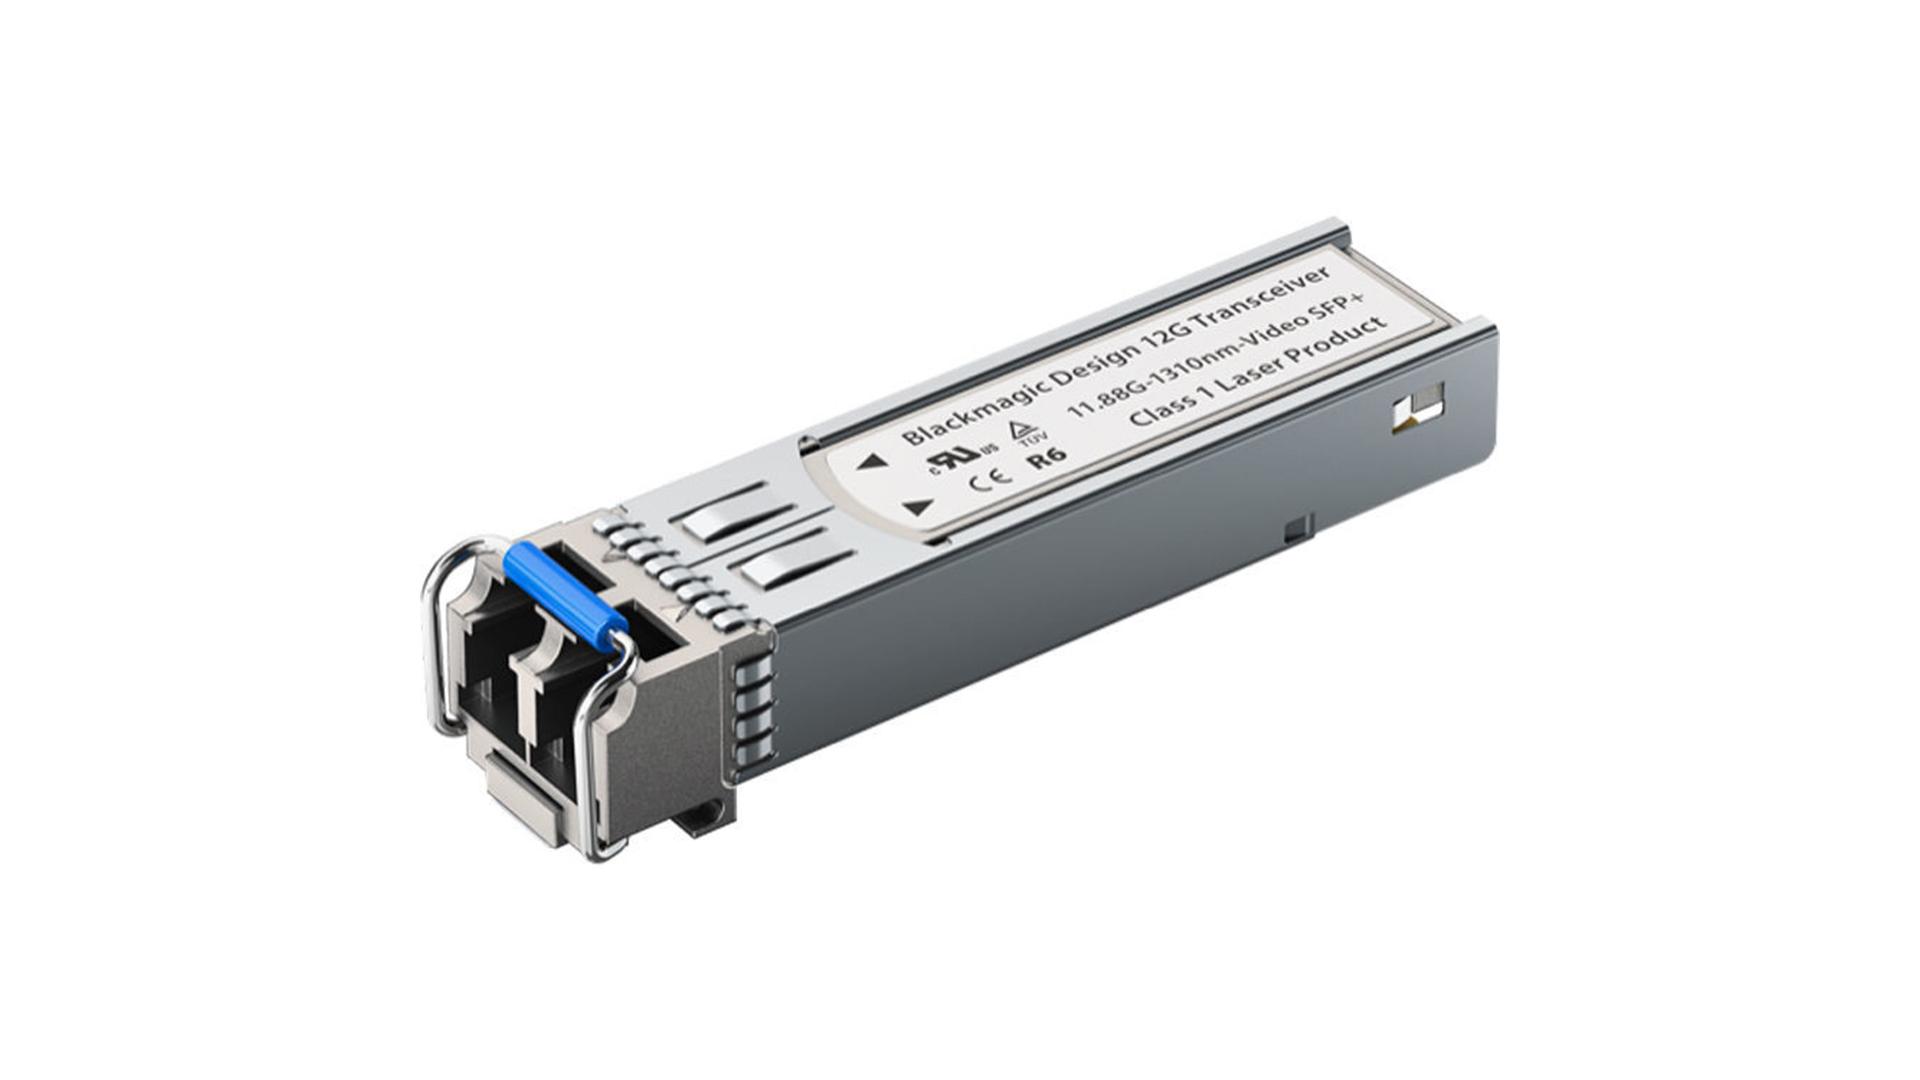 Blackmagic ADPT 12GBI/OPT   Modulo 12G SDI SFP per cavo ottico   Convertitori   Distributori